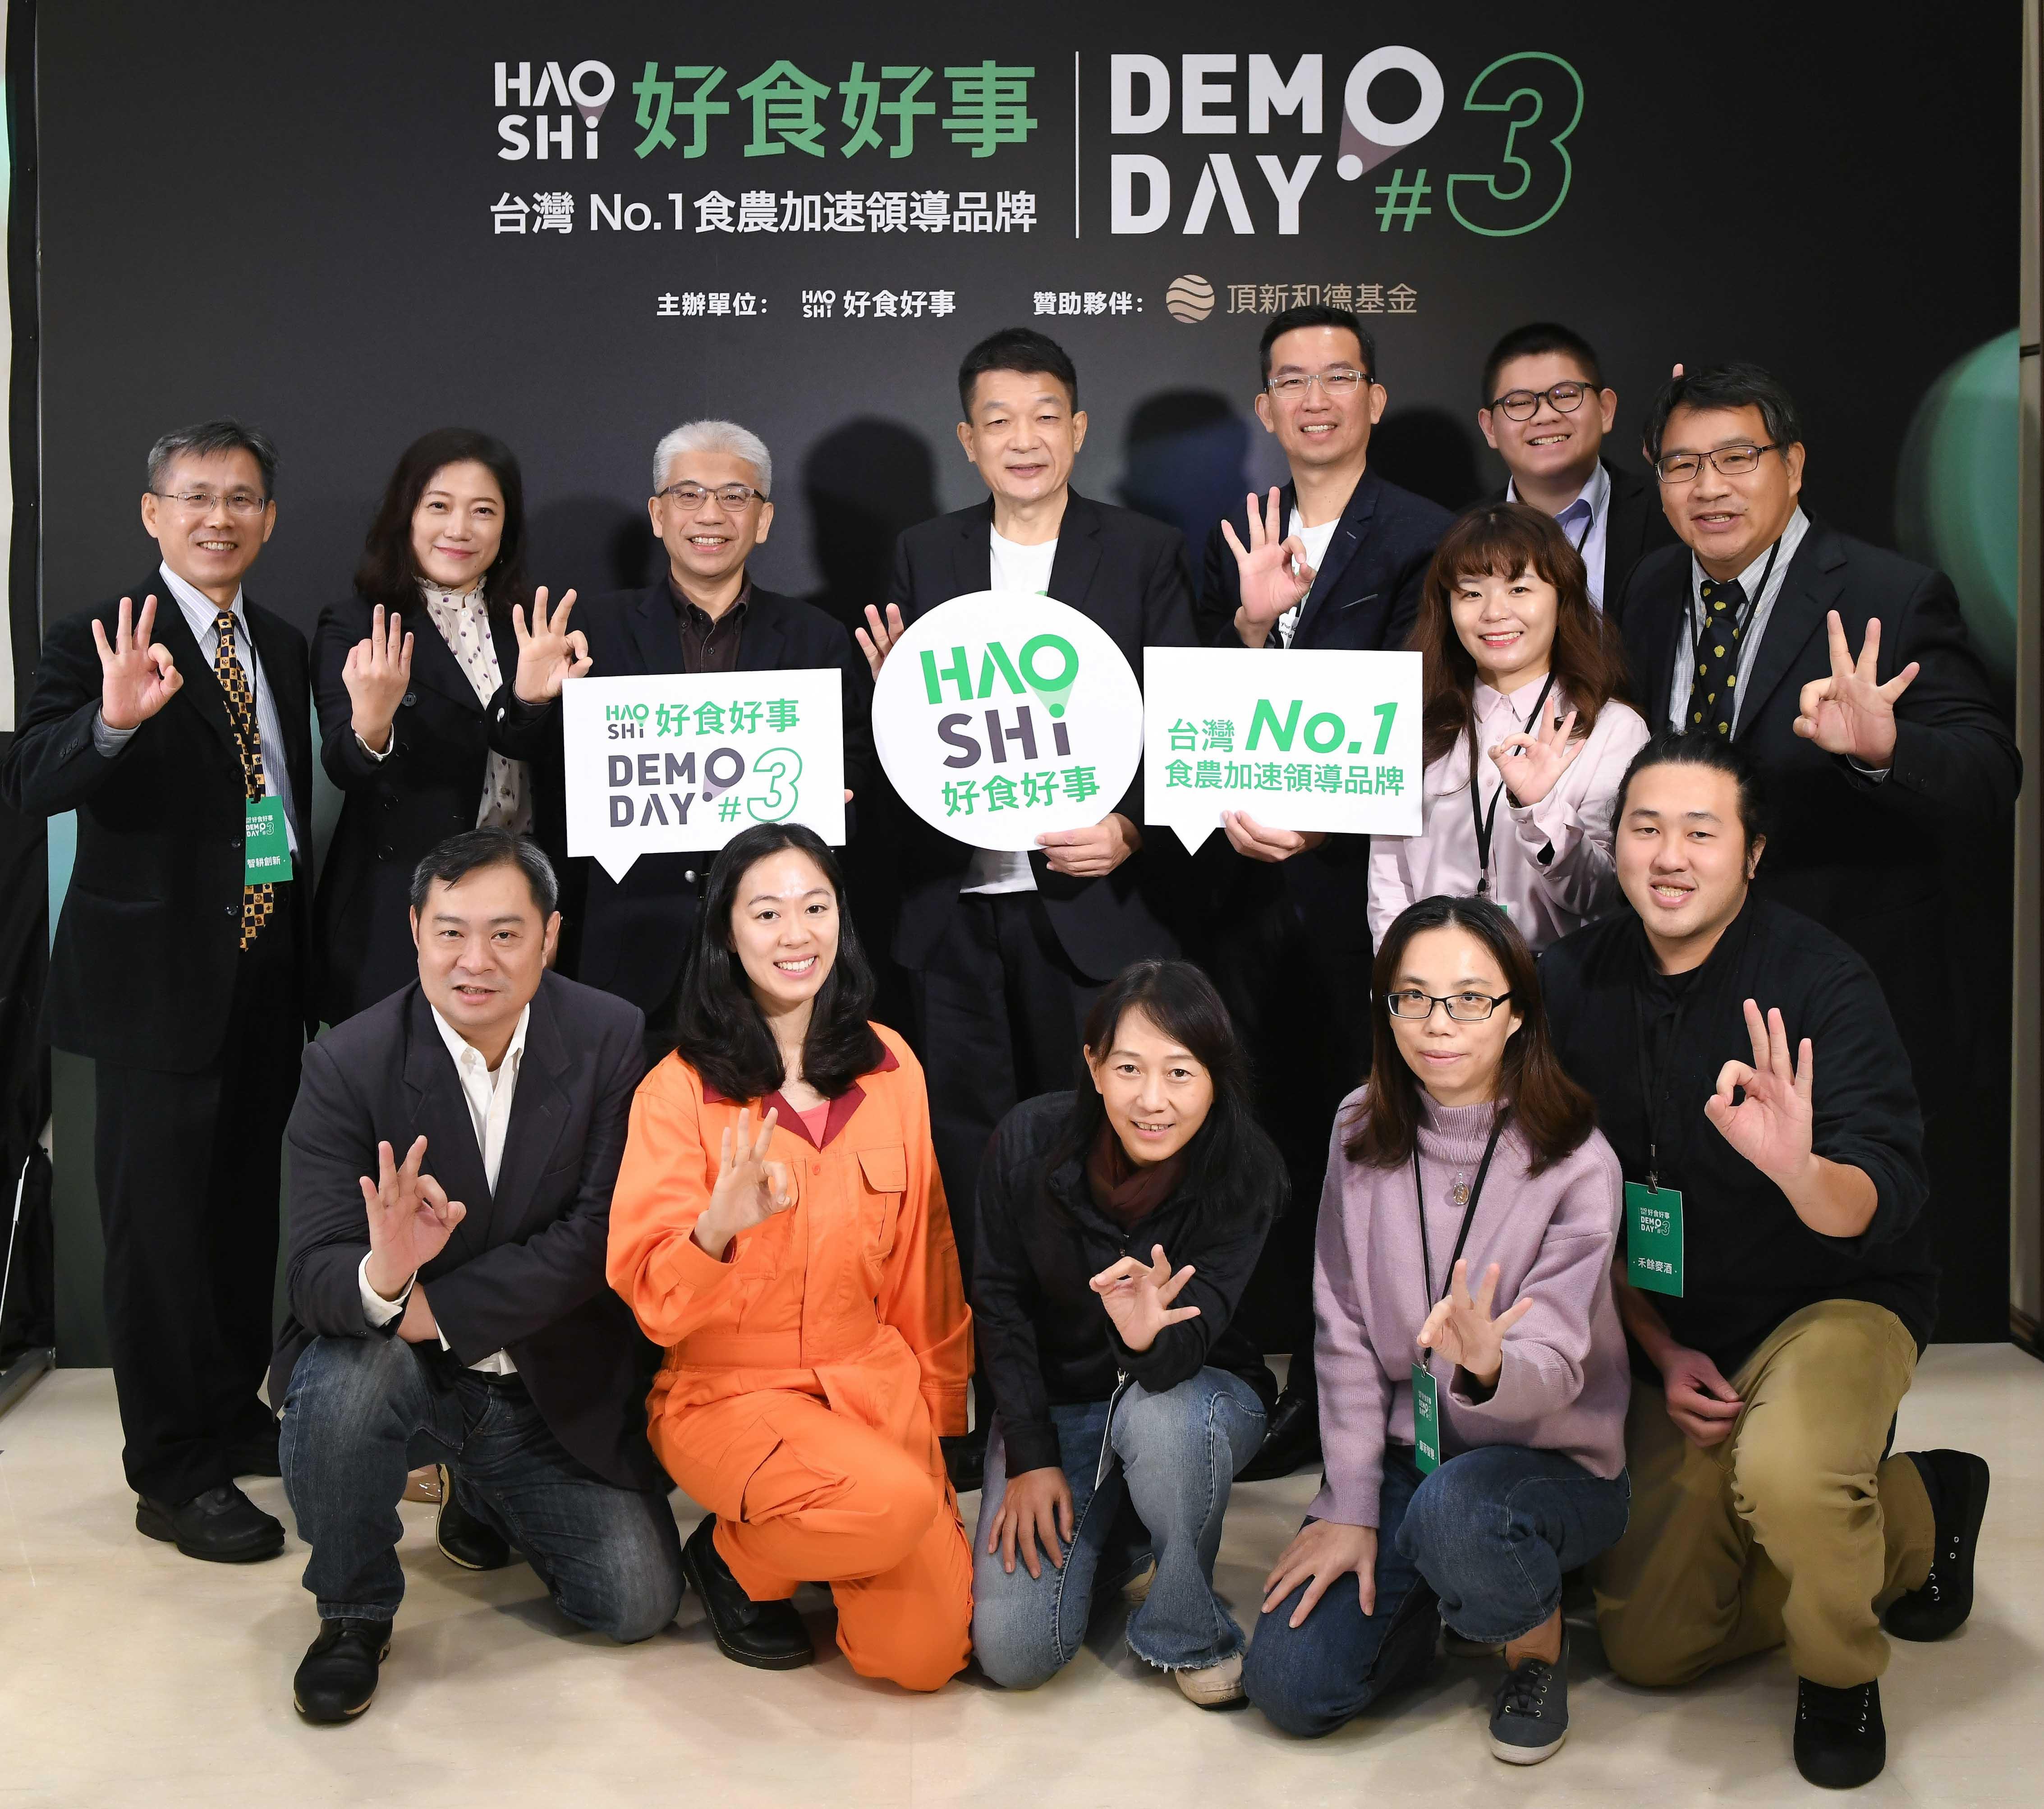 好食好事第 3 屆 Demo Day  十家新創引領台灣食農新趨勢